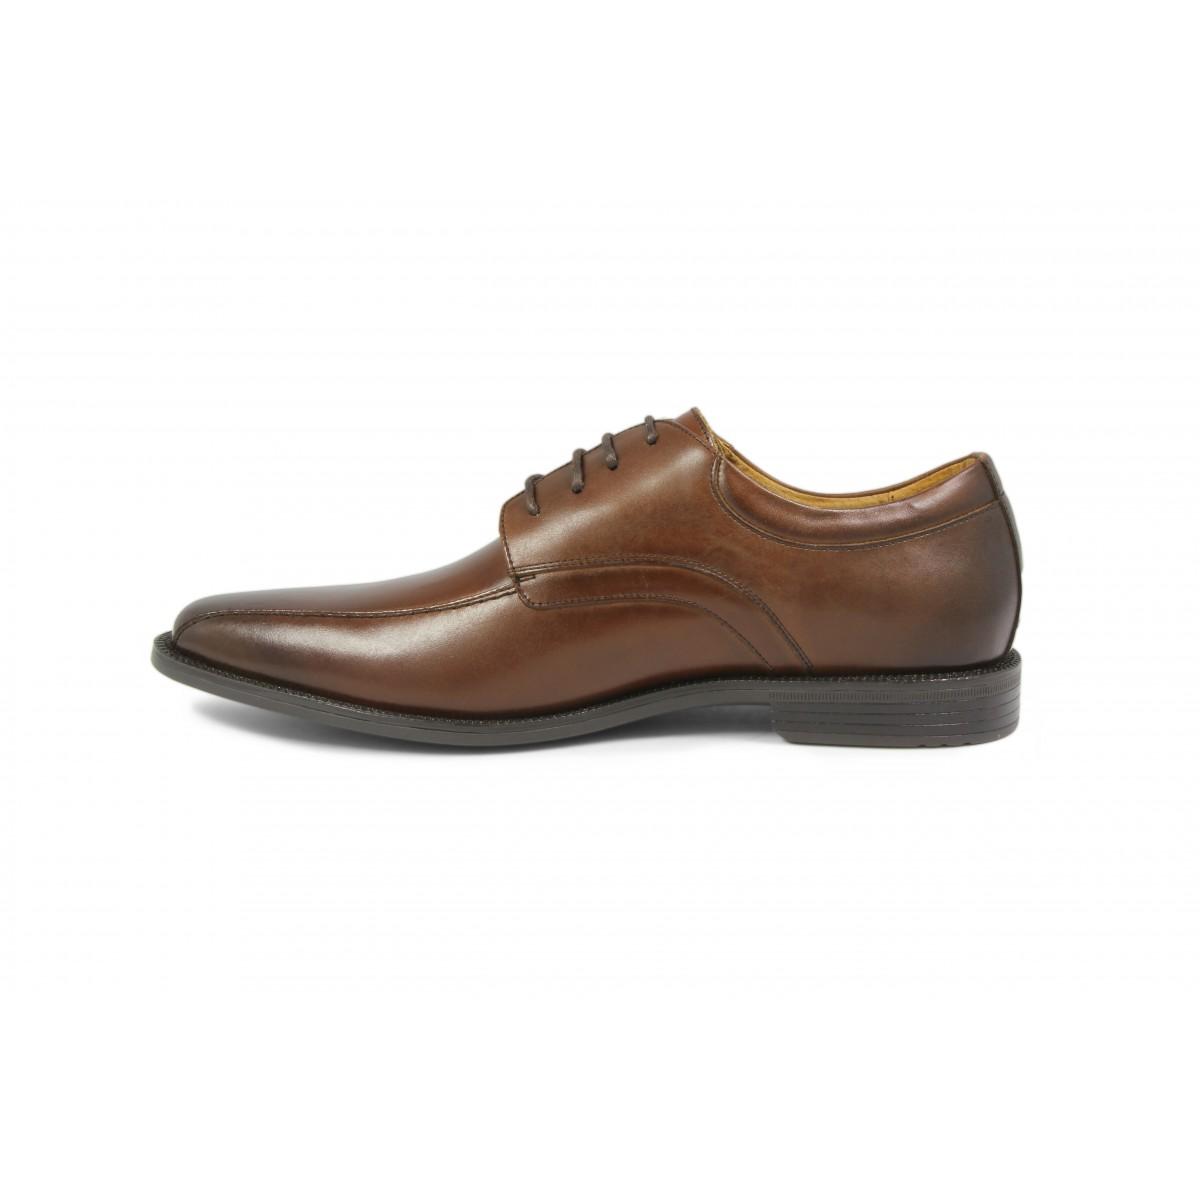 Clarks Mens Shoes Forum Size